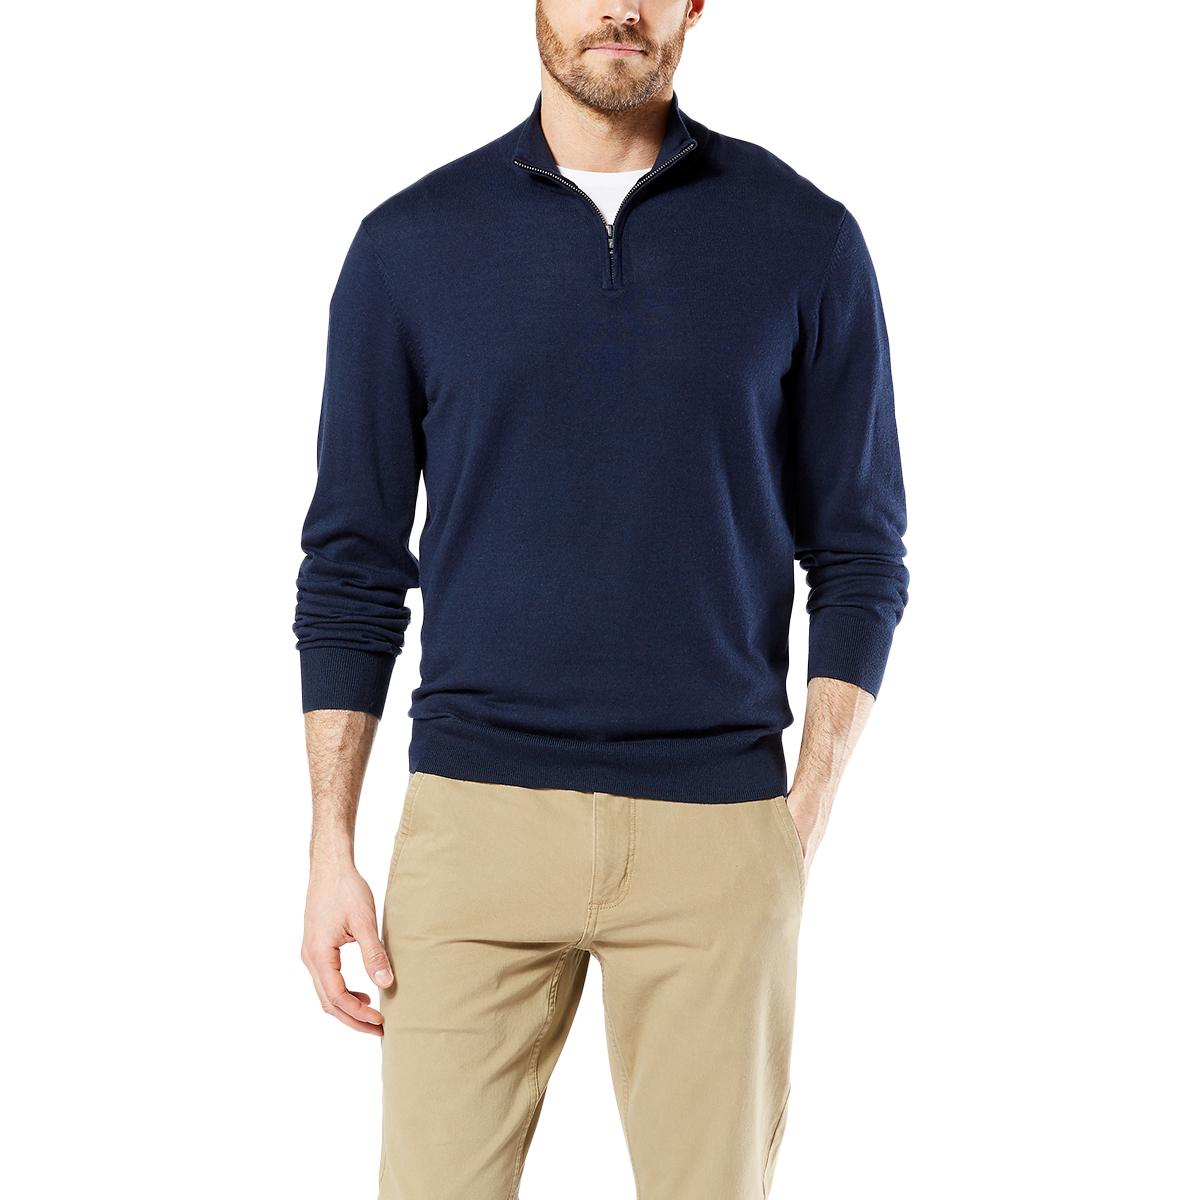 Dockers Men's 1/4-Zip Sweater - Blue, M